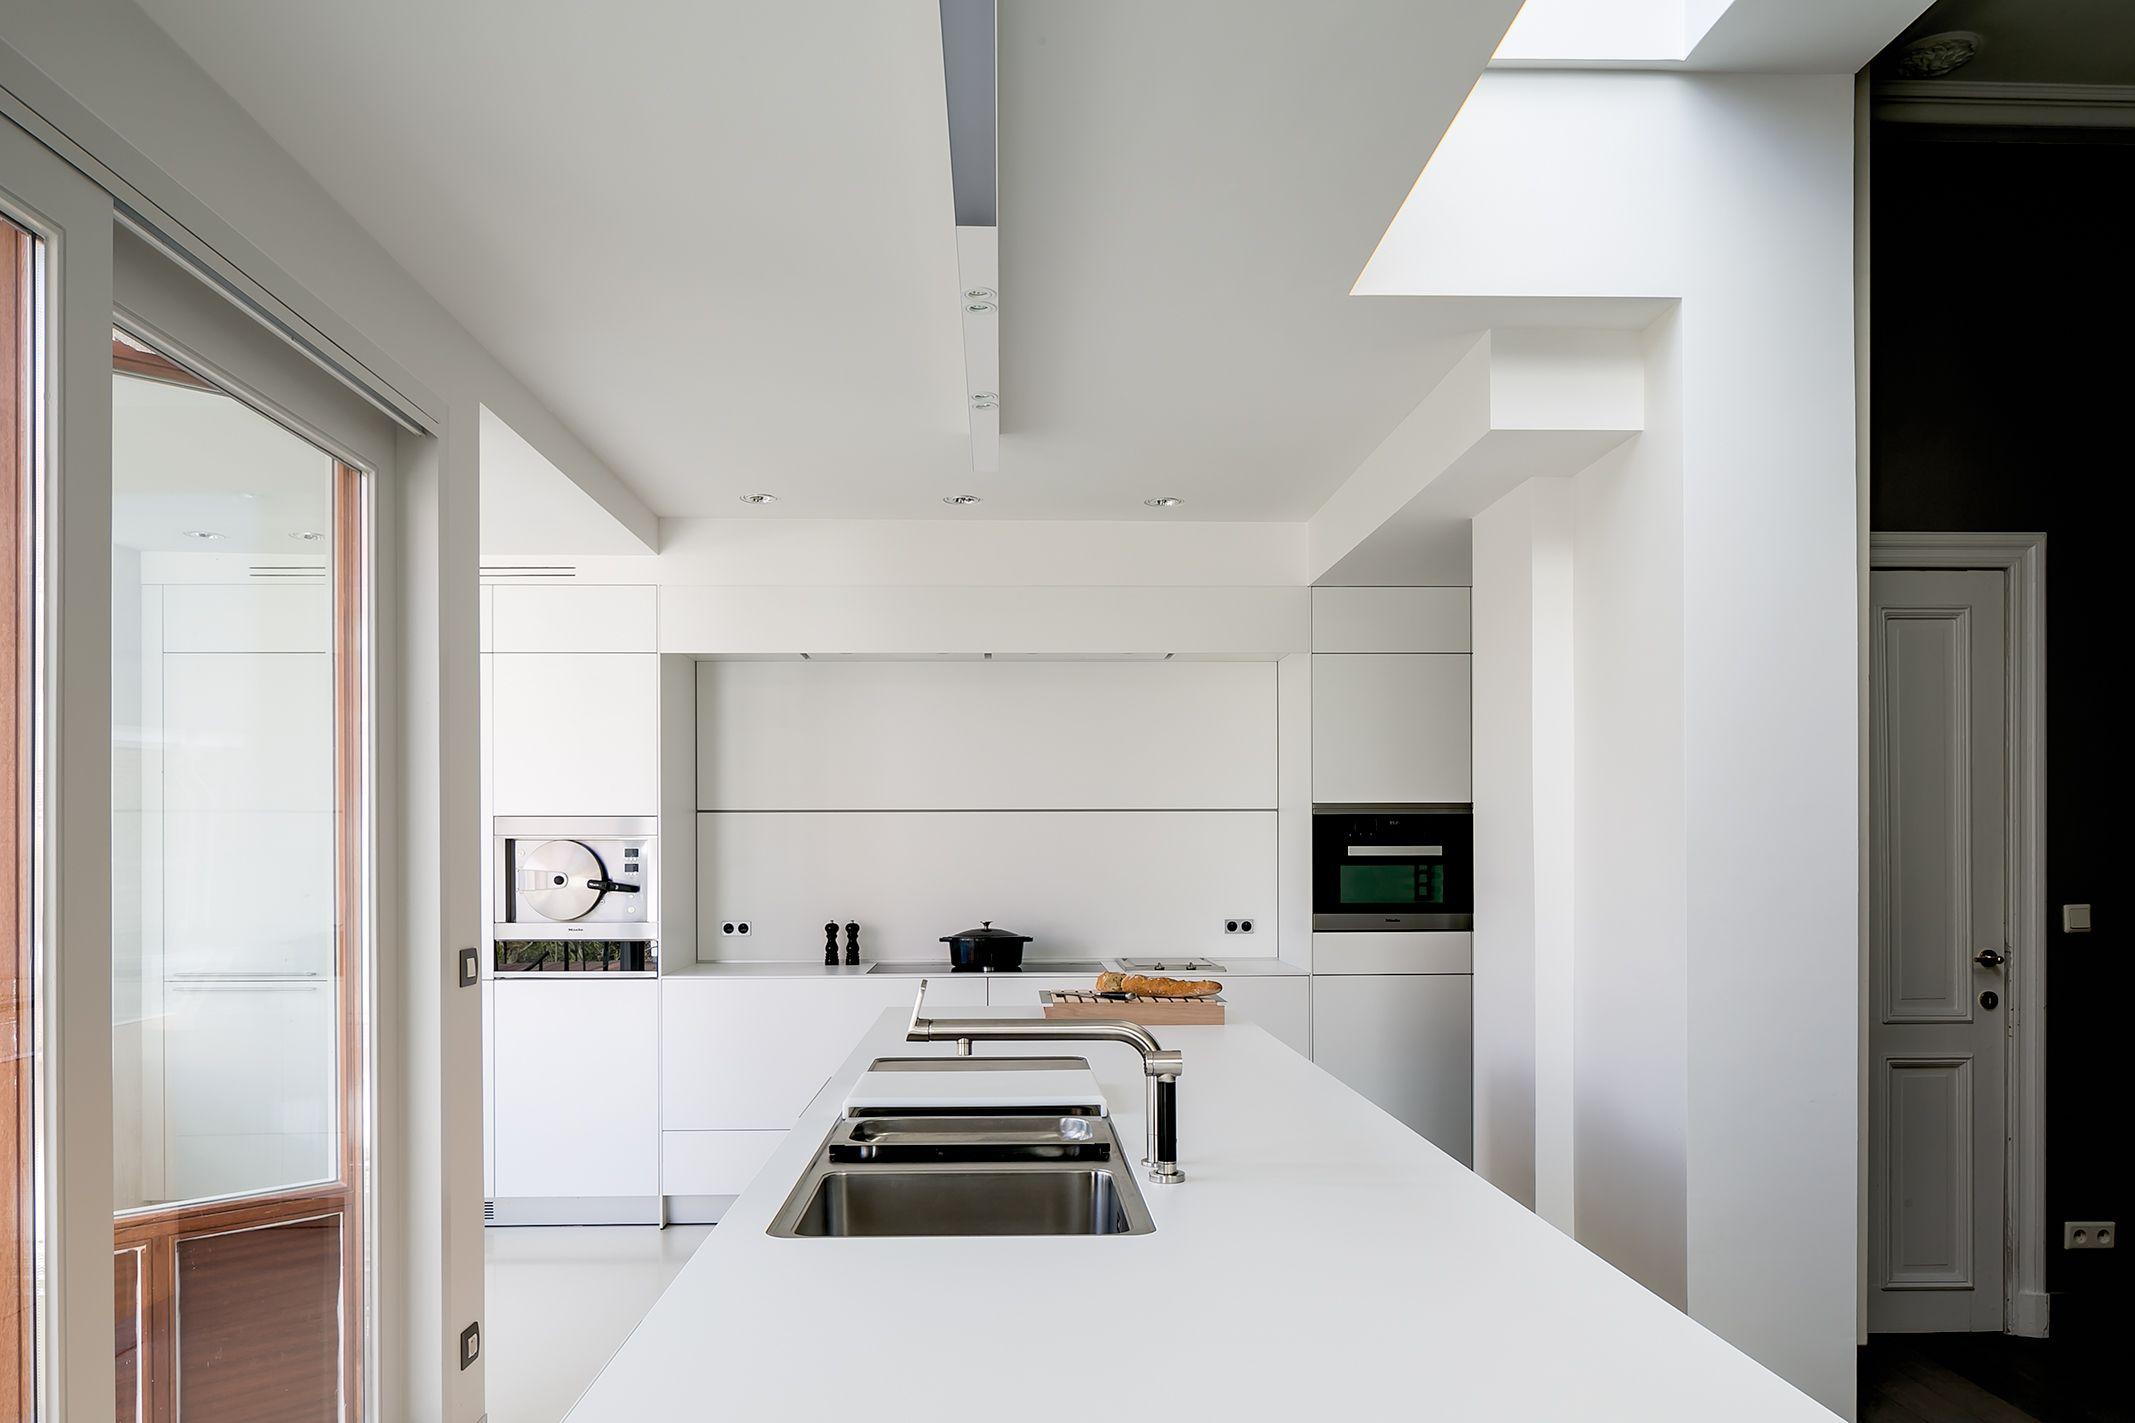 Witte Laminaat Keuken : Bulthaup b keuken witte laminaat realisatie door b vorm